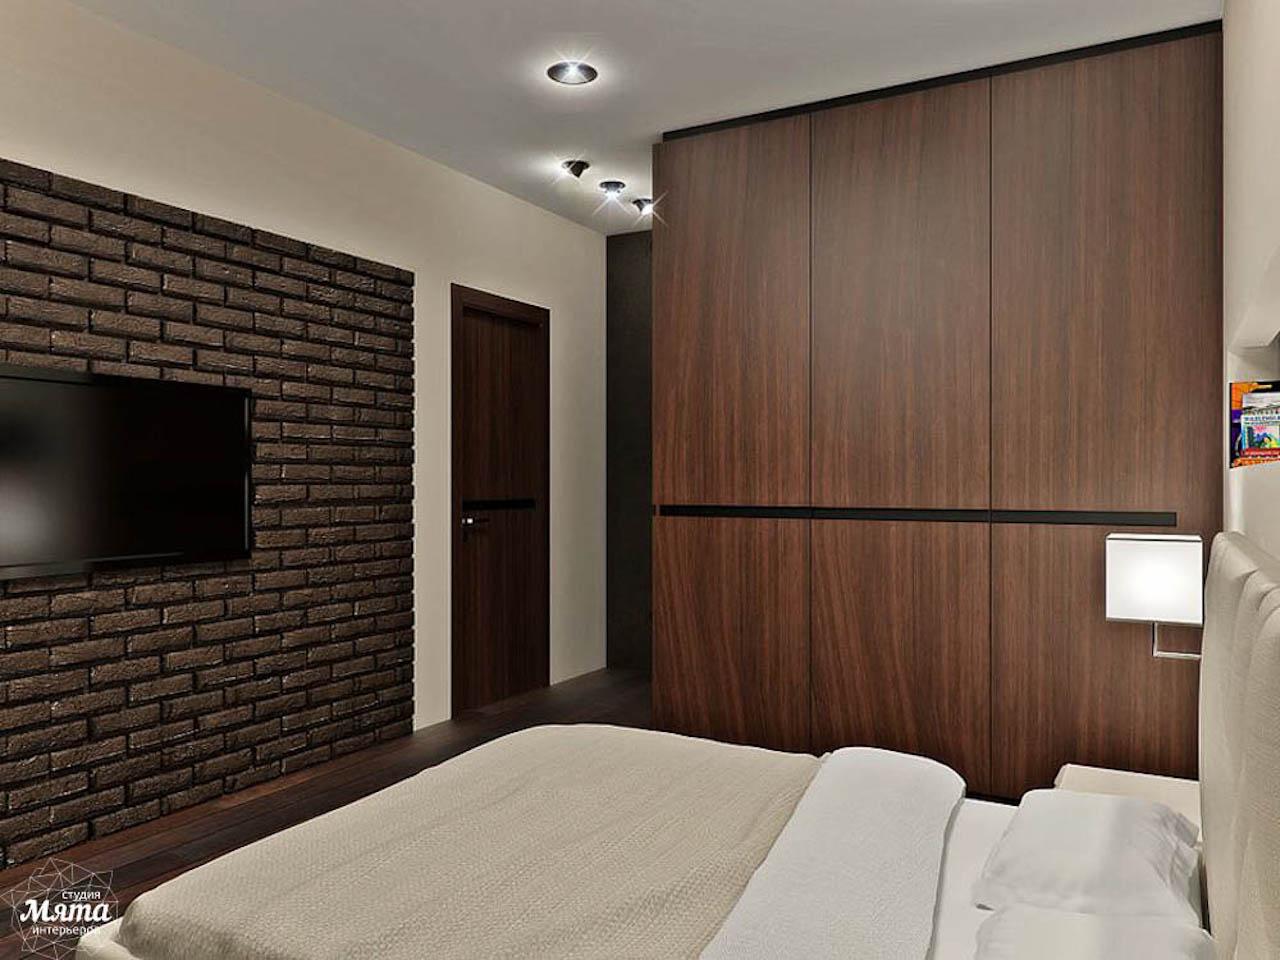 Дизайн интерьера однокомнатной квартиры в стиле хай тек по ул. Щербакова 35 img1058004509